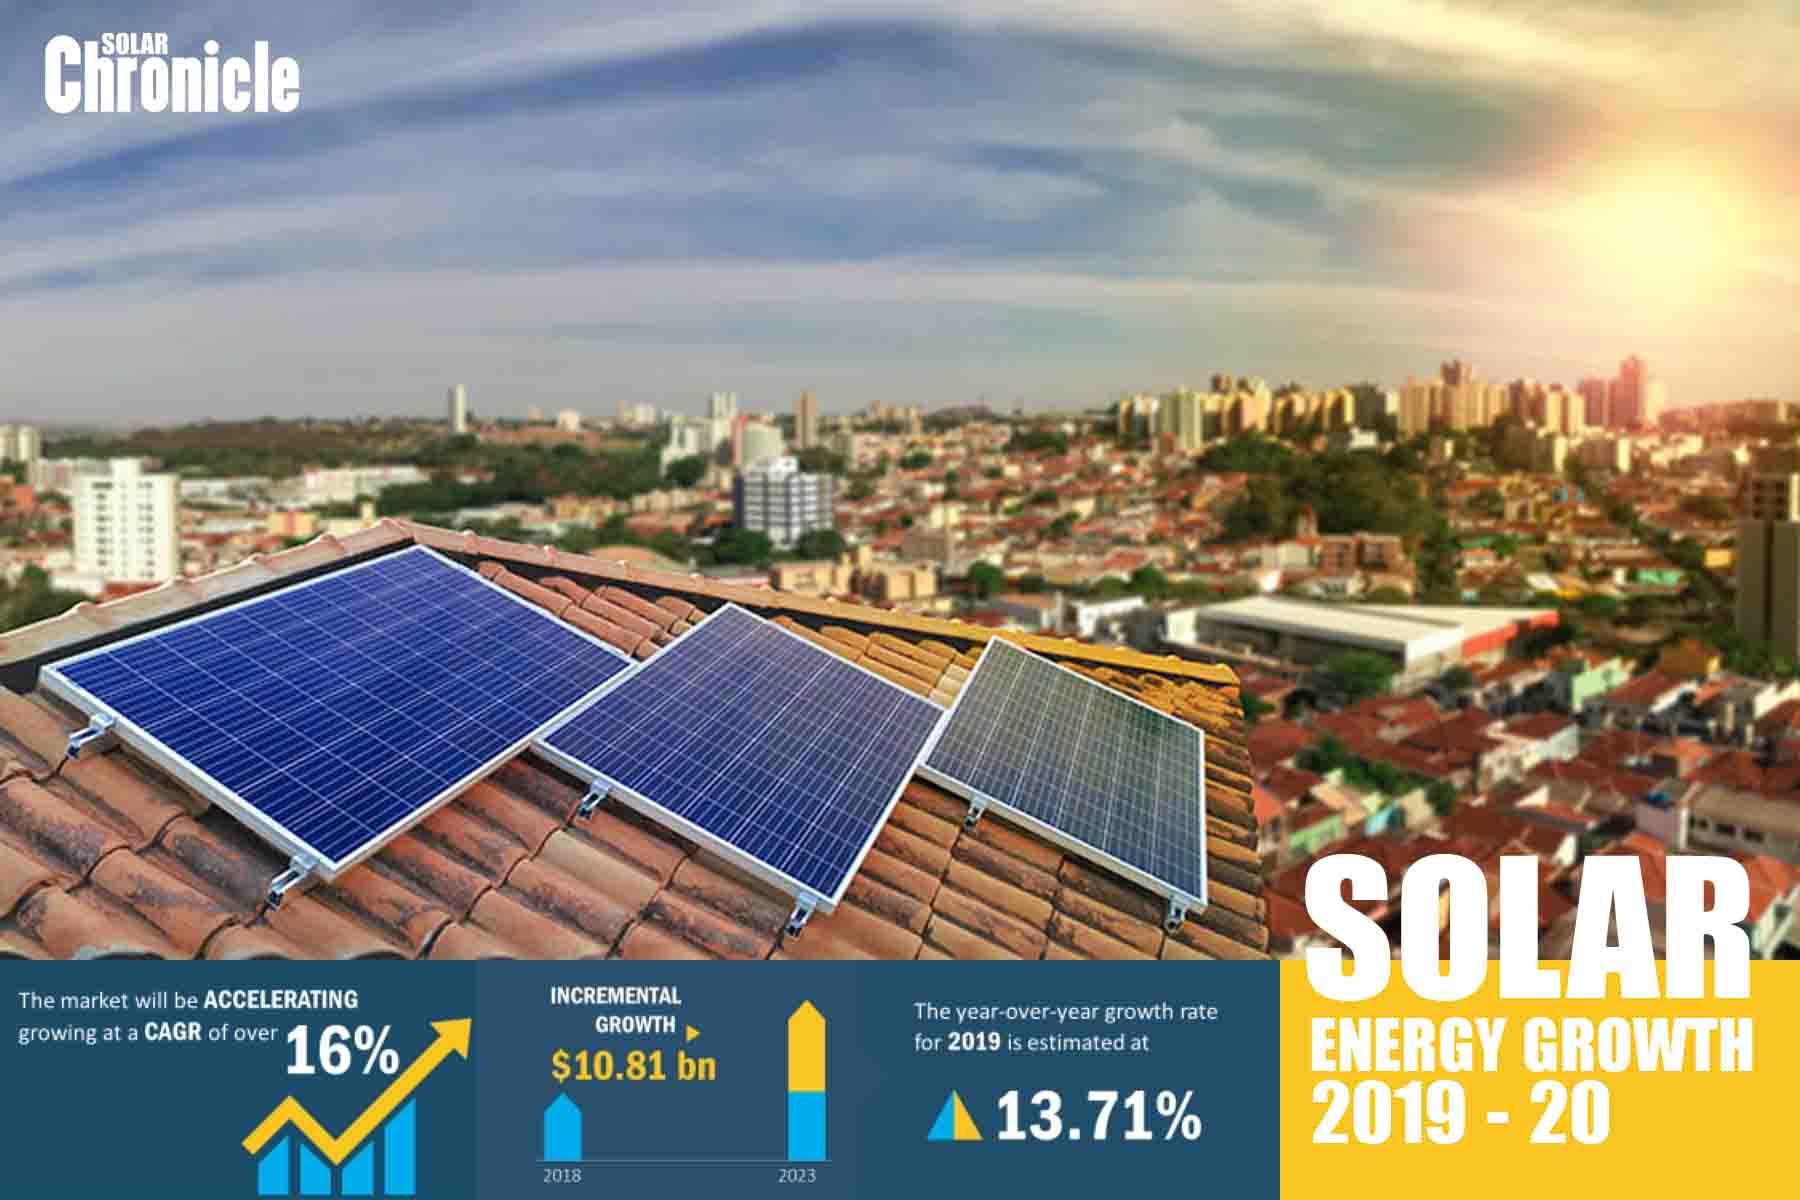 solar prediction solar chronicle 2020